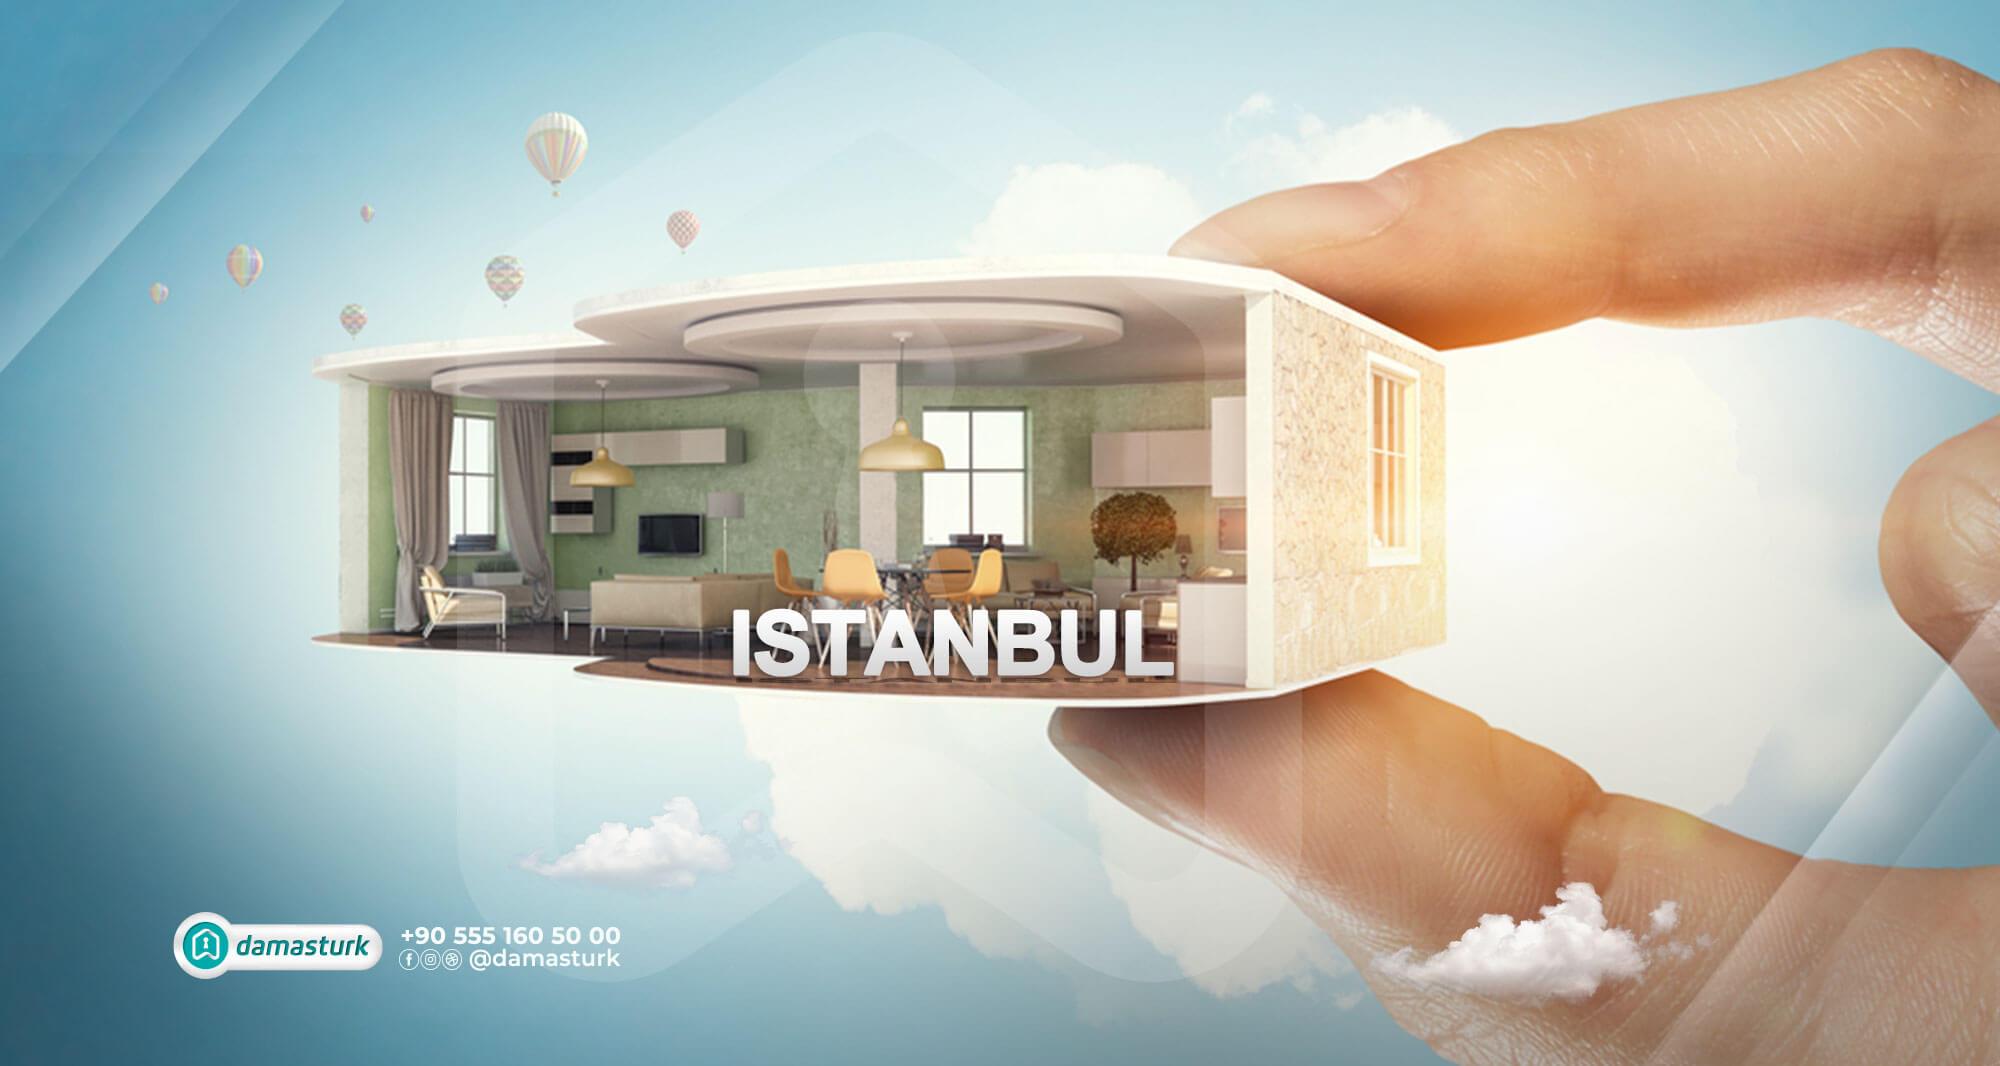 شقق للبيع في إسطنبول 2021